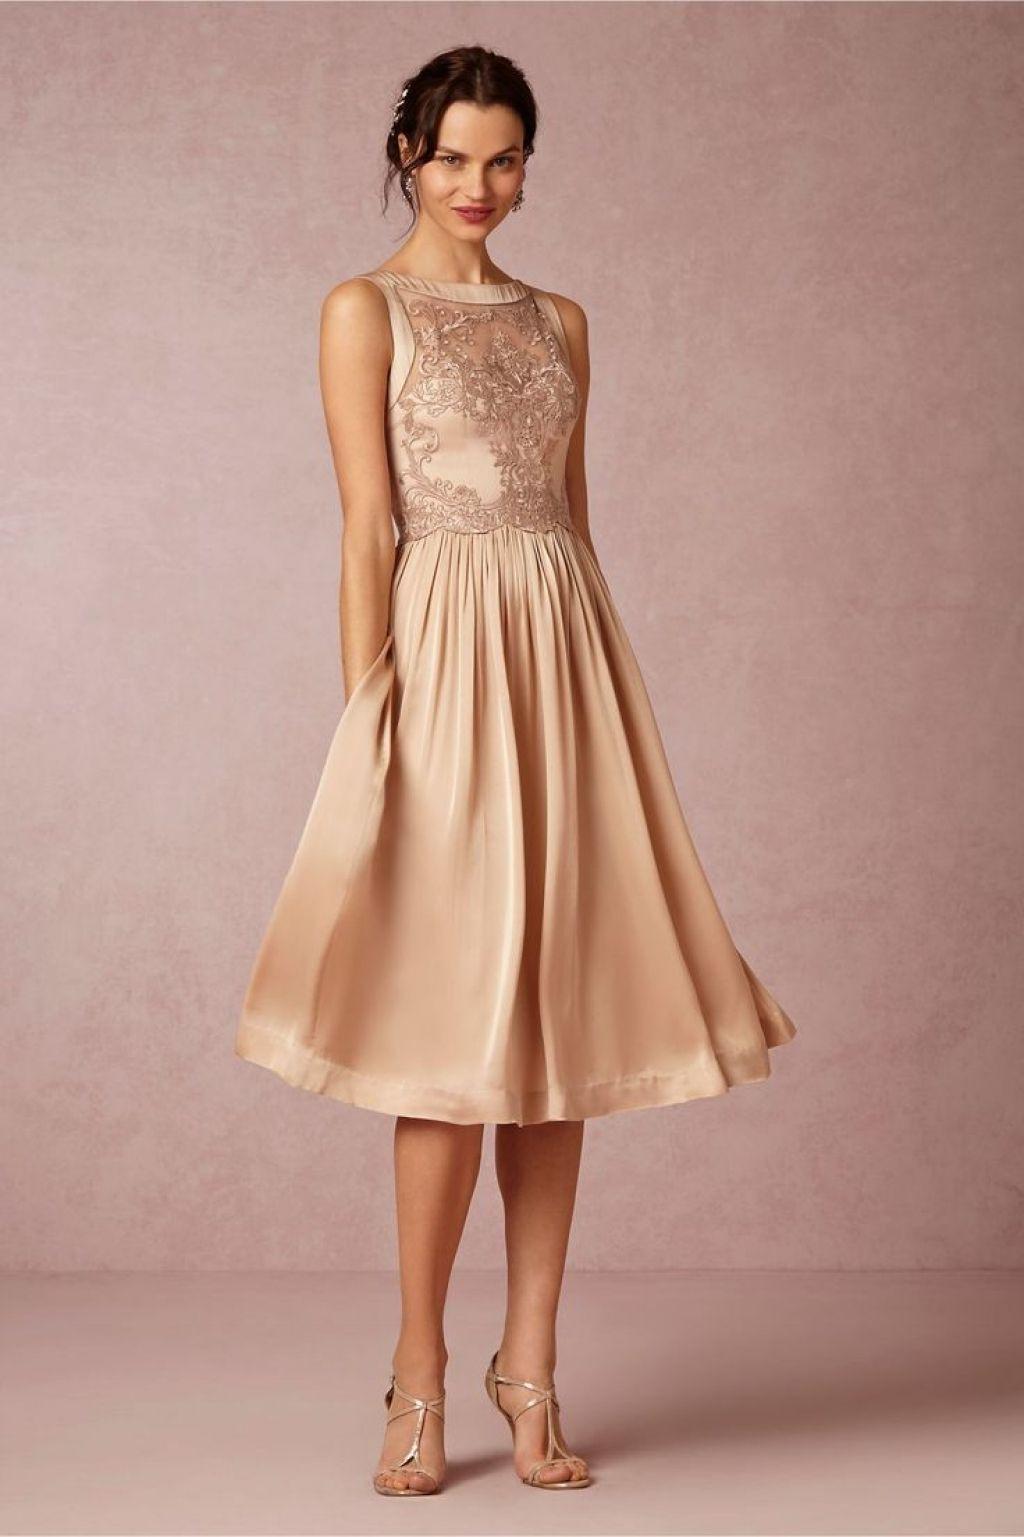 festliche kleider zur hochzeit knielang für günstig - abendkleid